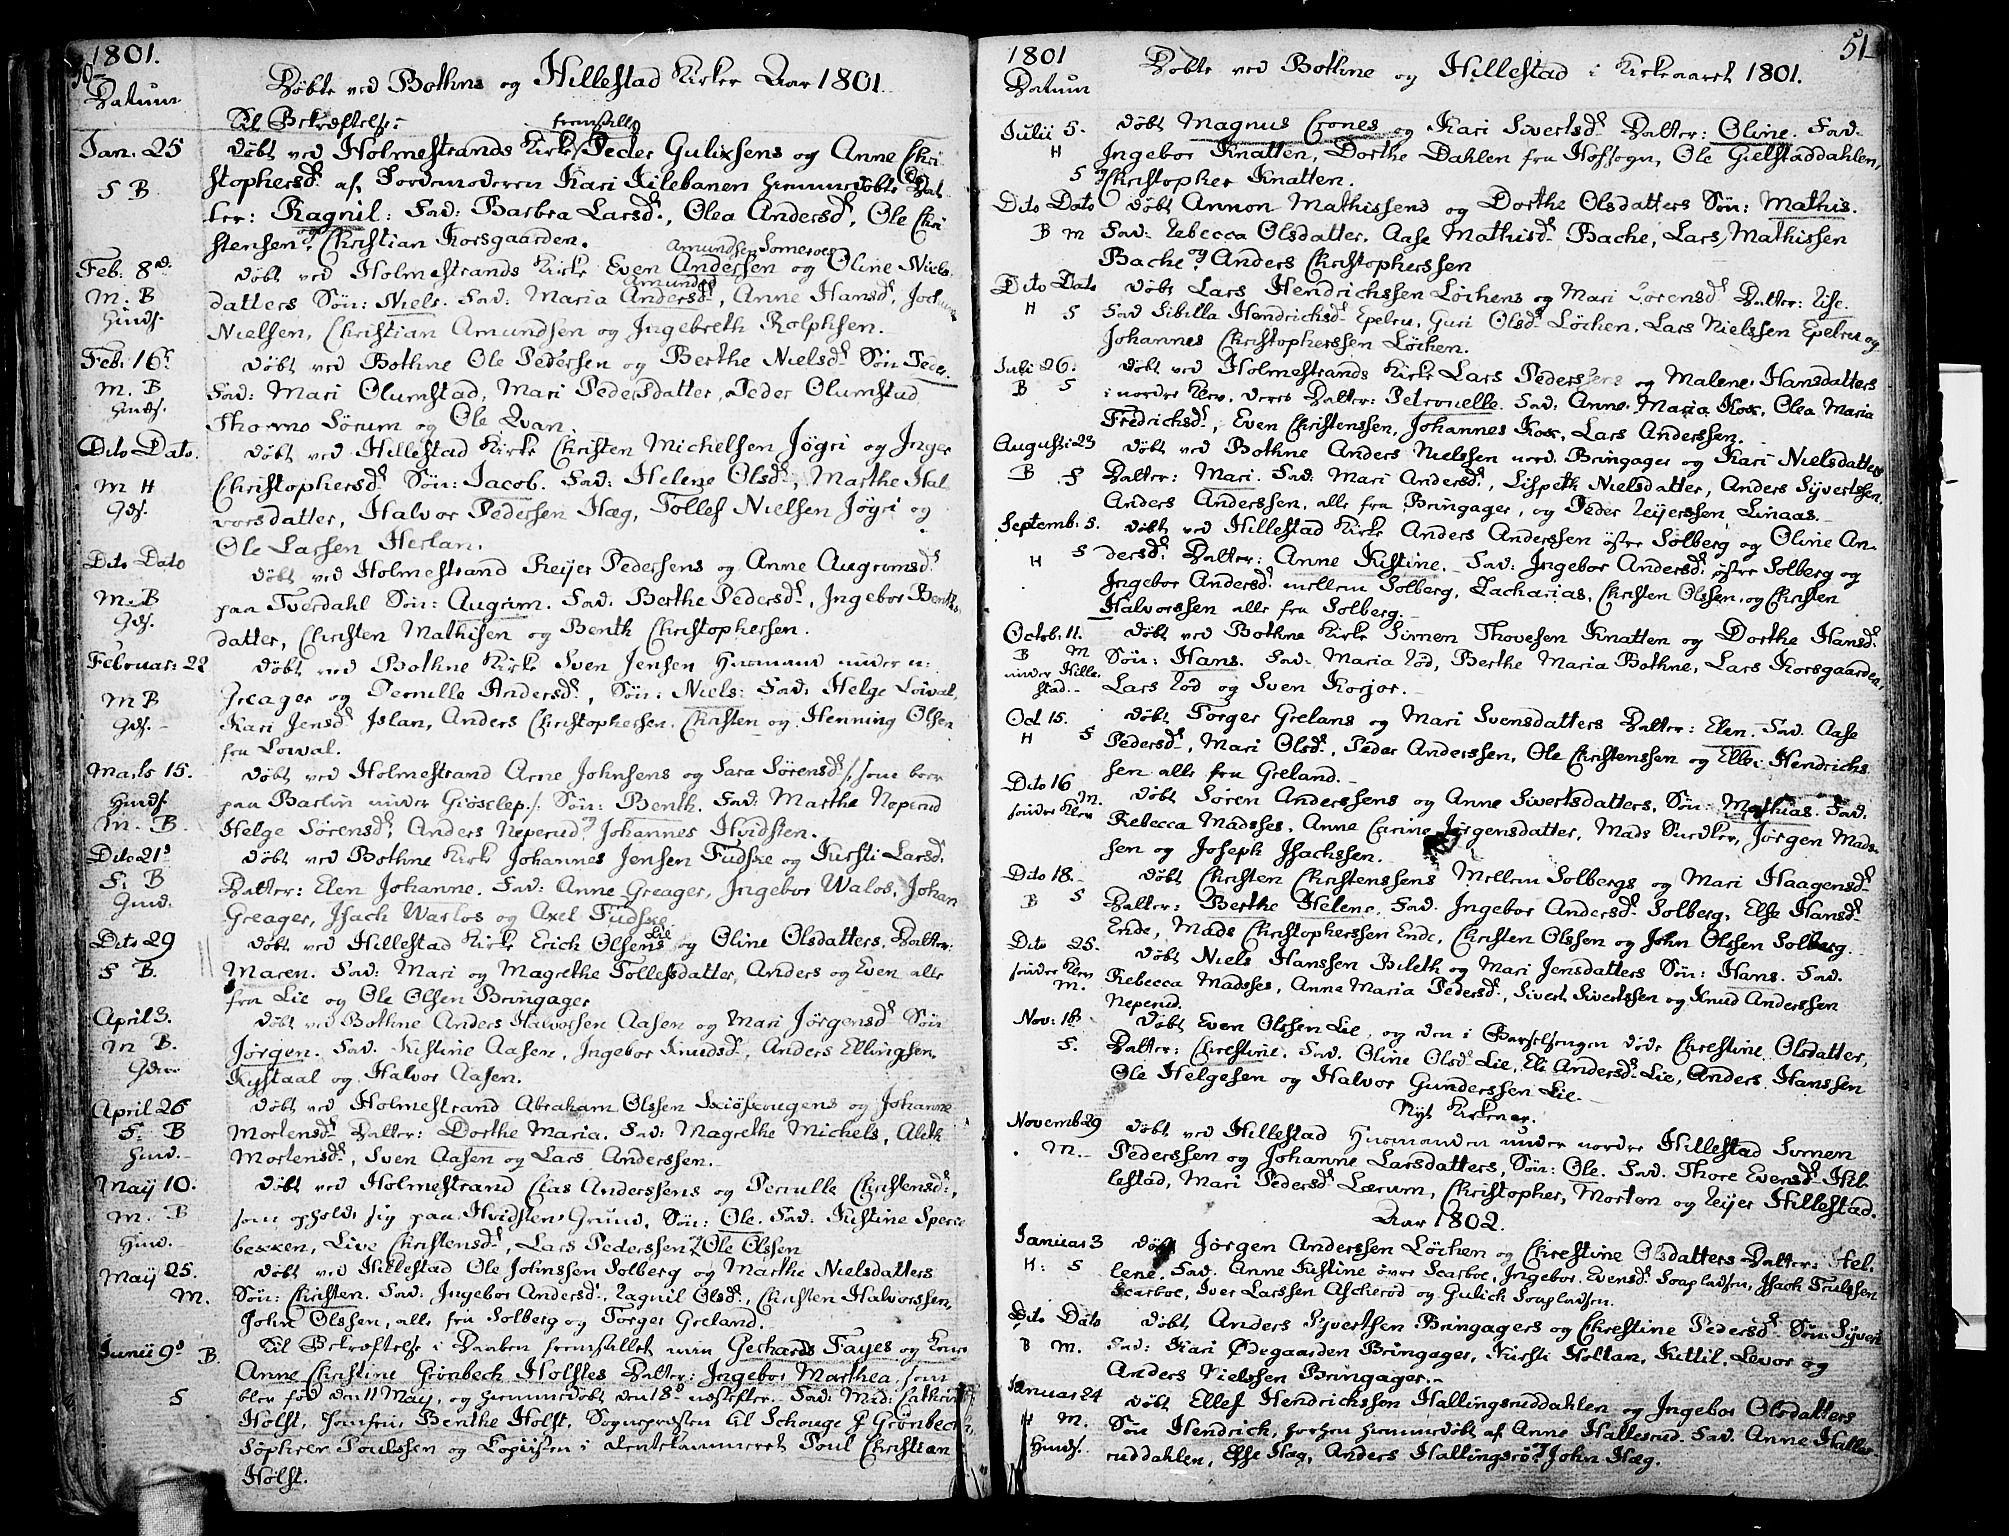 SAKO, Botne kirkebøker, F/Fa/L0003: Ministerialbok nr. I 3 /1, 1792-1844, s. 50-51